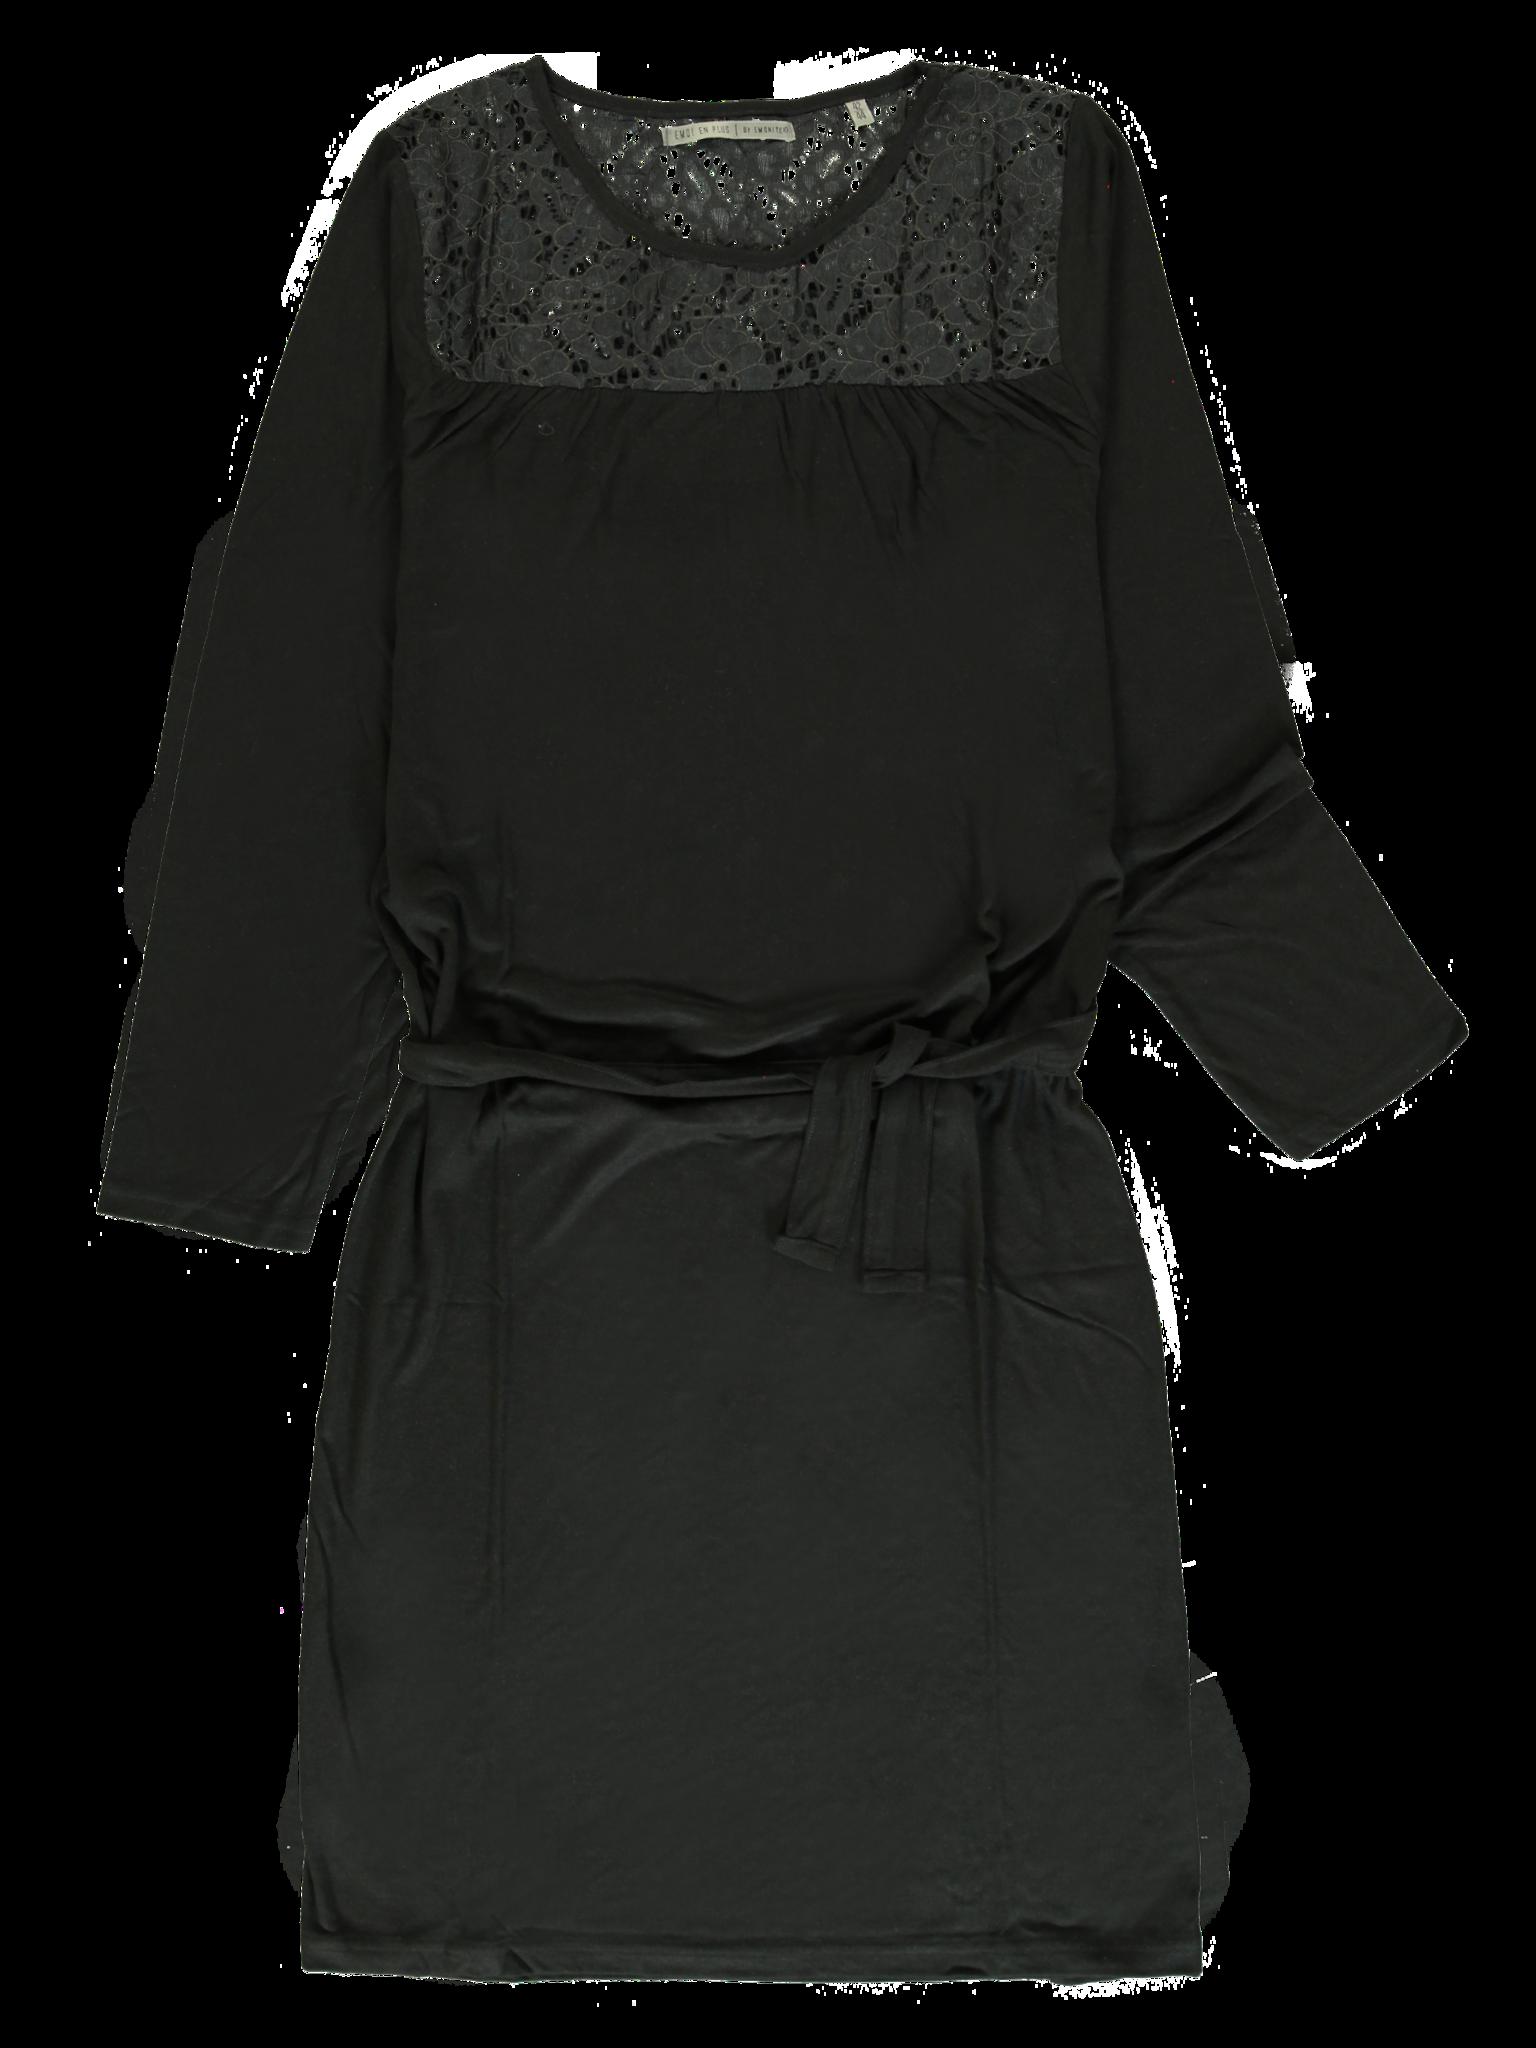 All Brands | Winterproducts Ladies+ | Dress | 24 pcs/box